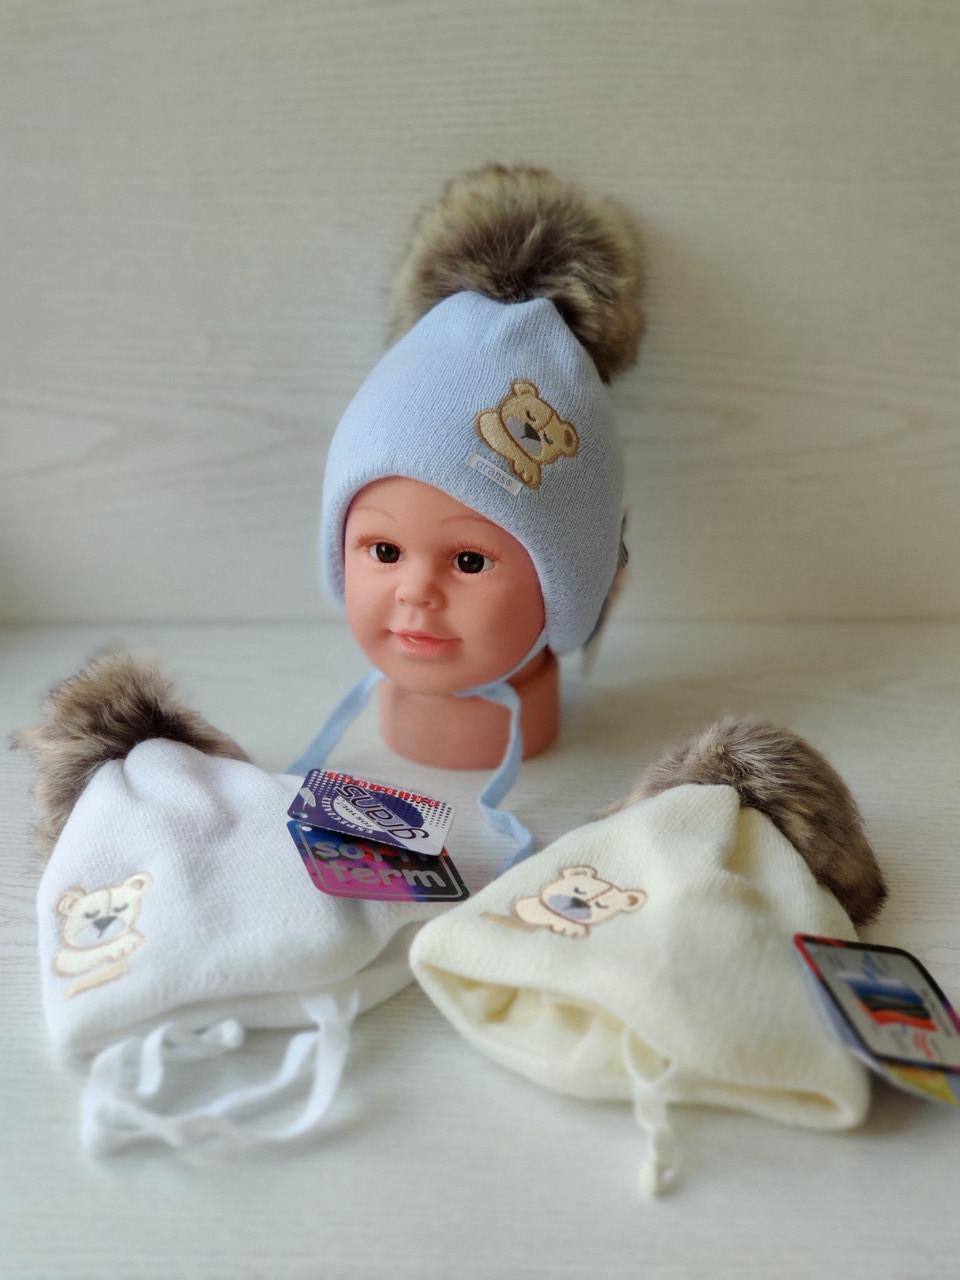 Шапка для мальчика с мишкой для новорожденного Размер 36-38 см